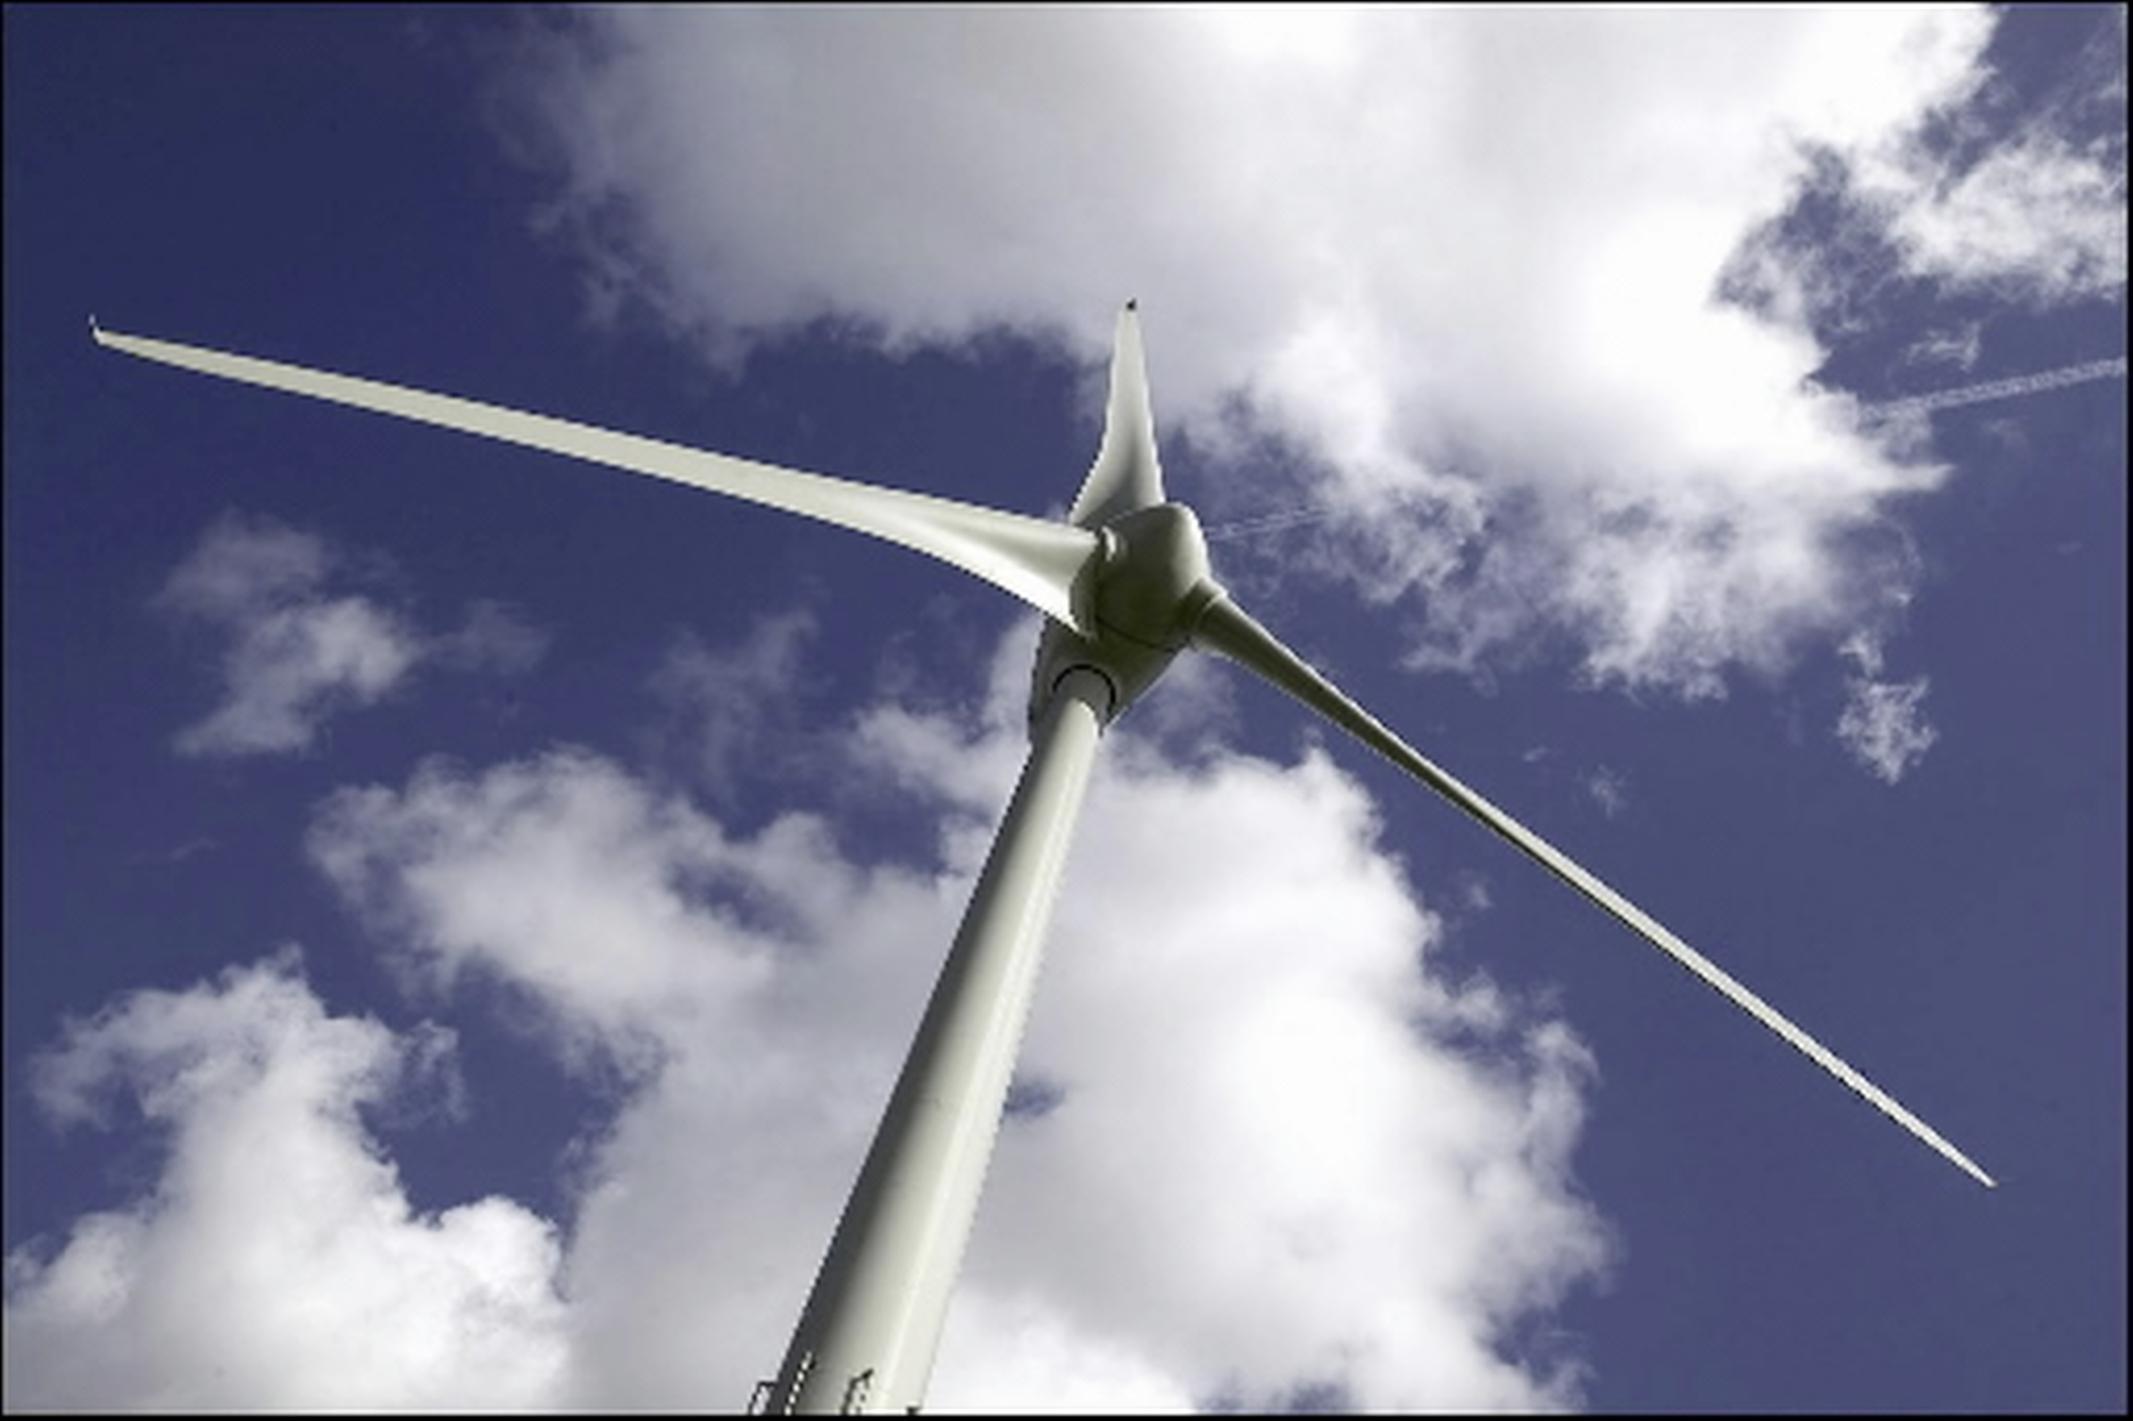 Boosheid over buurgemeenten die windturbines bij Soesterberg 'dumpen'; 'Als je die molens zelf niet wil, kan je ze niet zomaar in de achtertuin van de buren neerzetten'